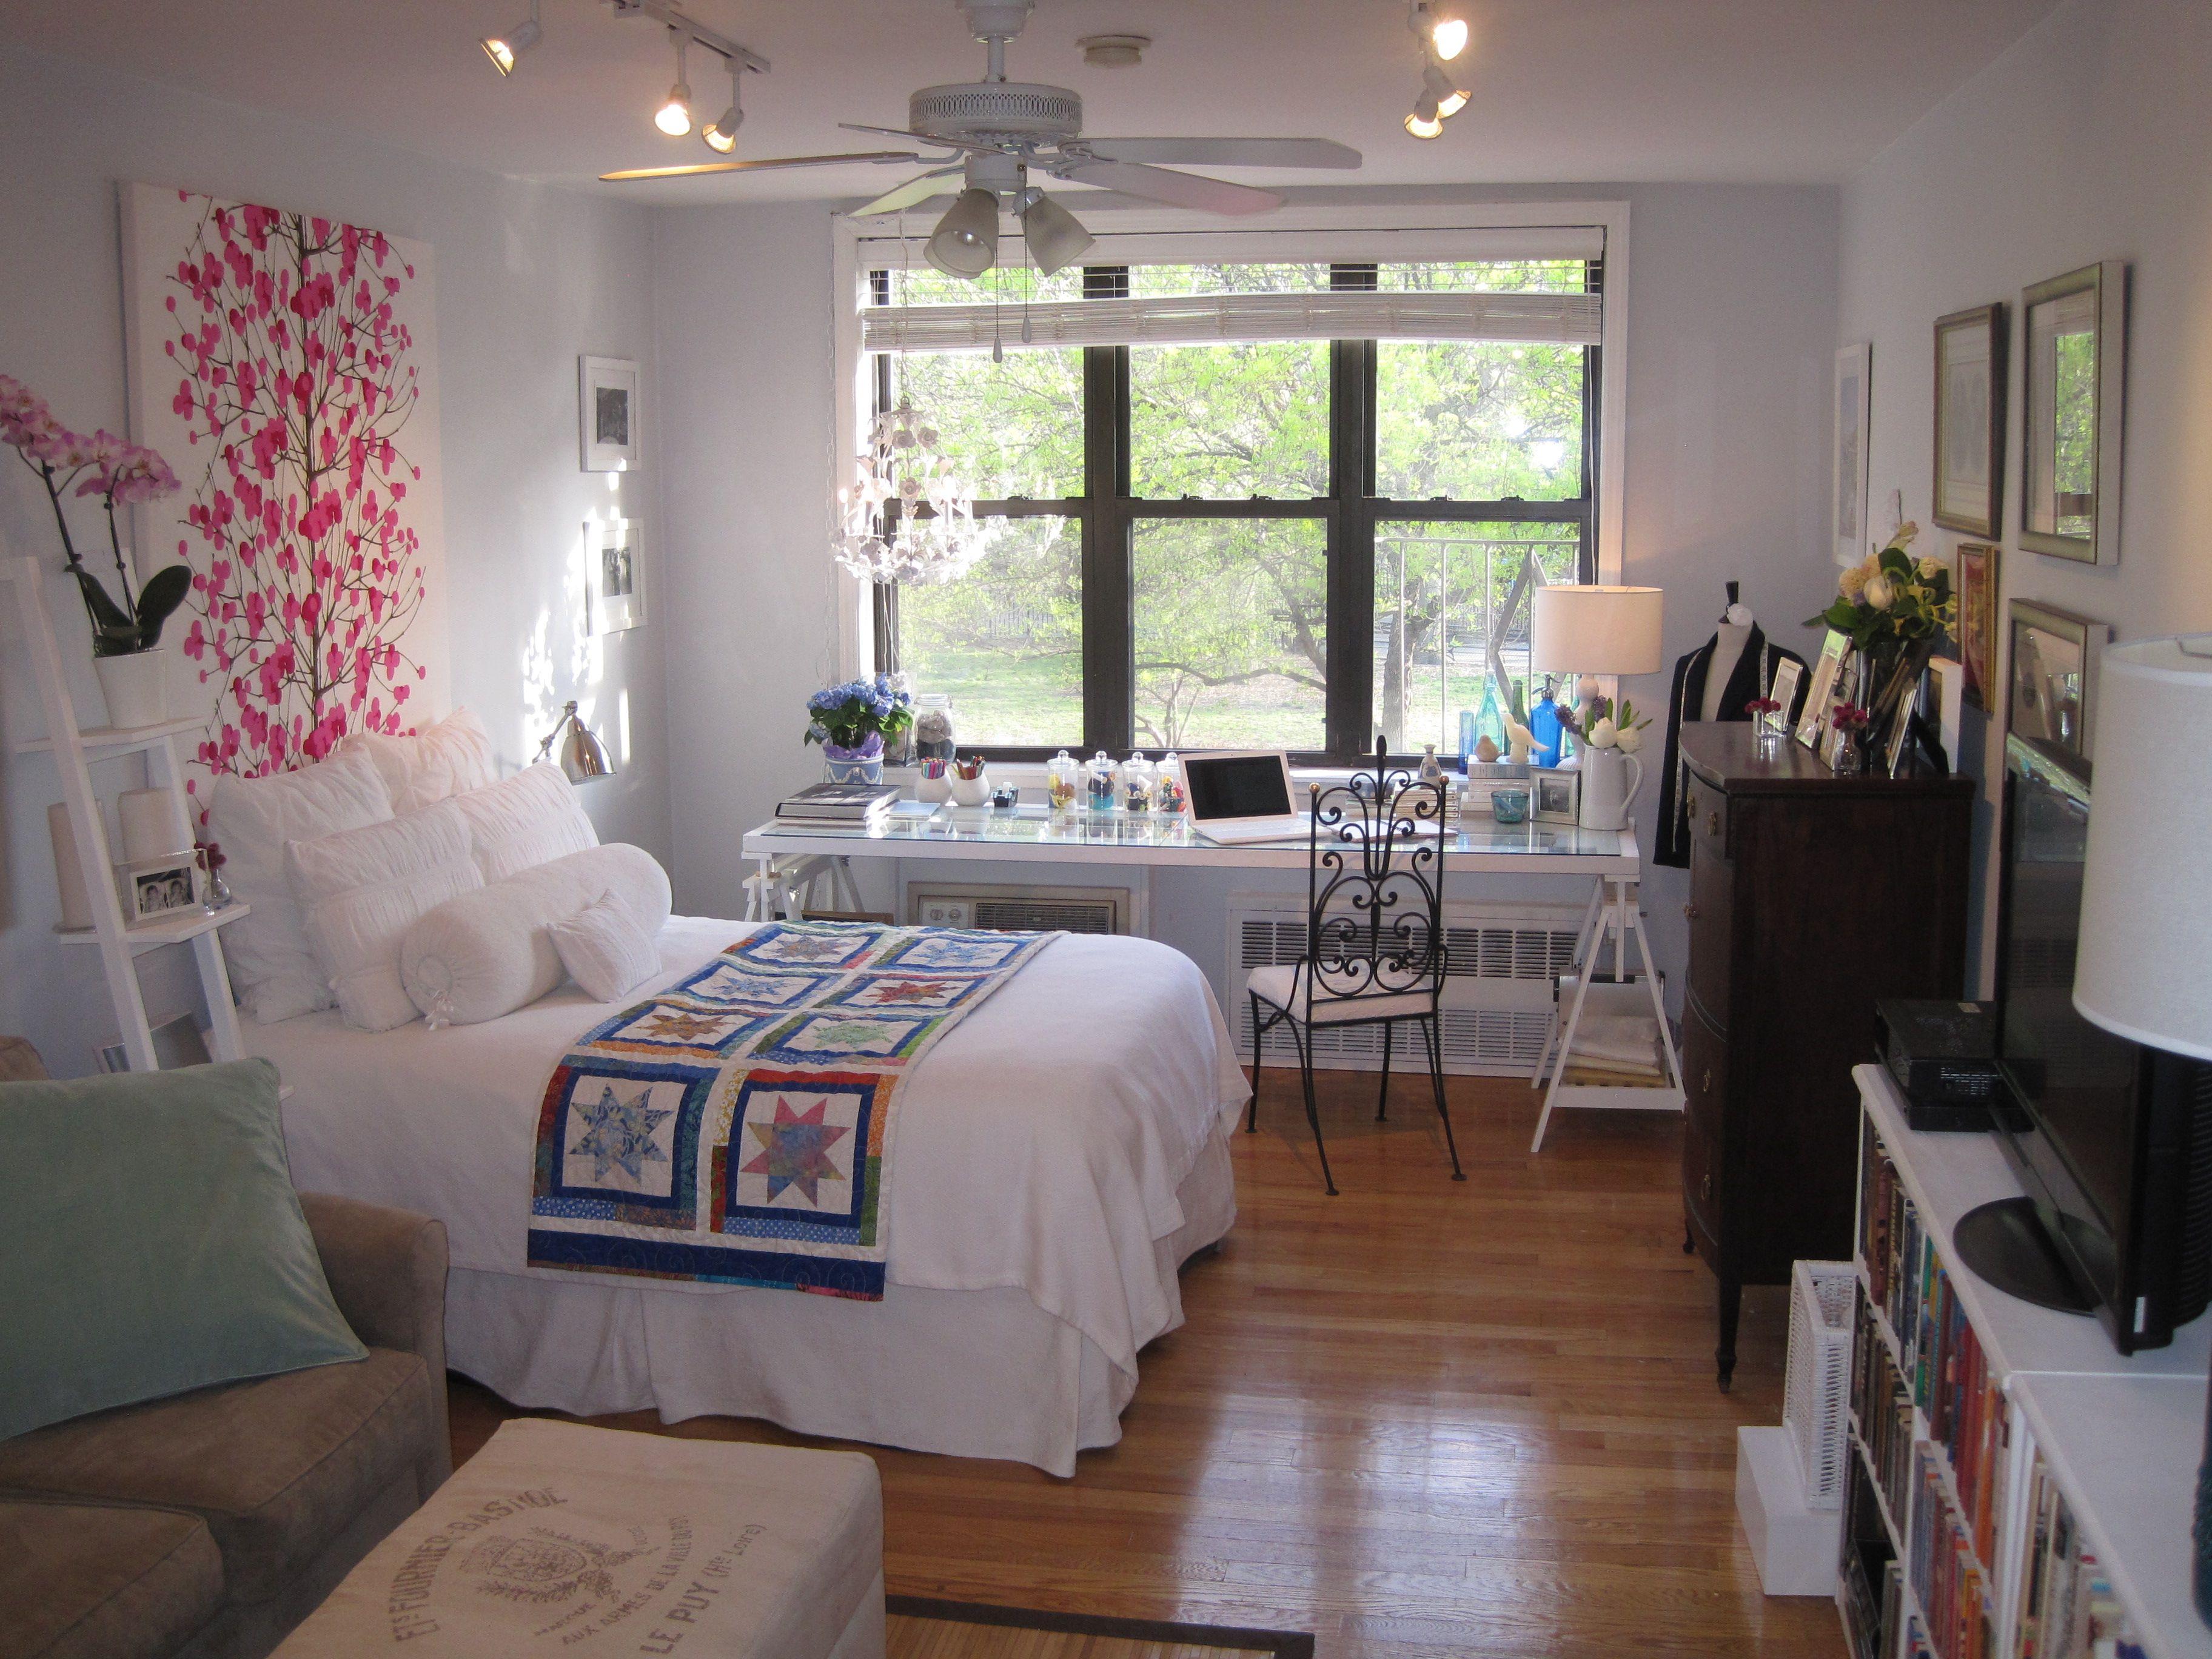 Studio Bachelor Bachelorette Apartment House